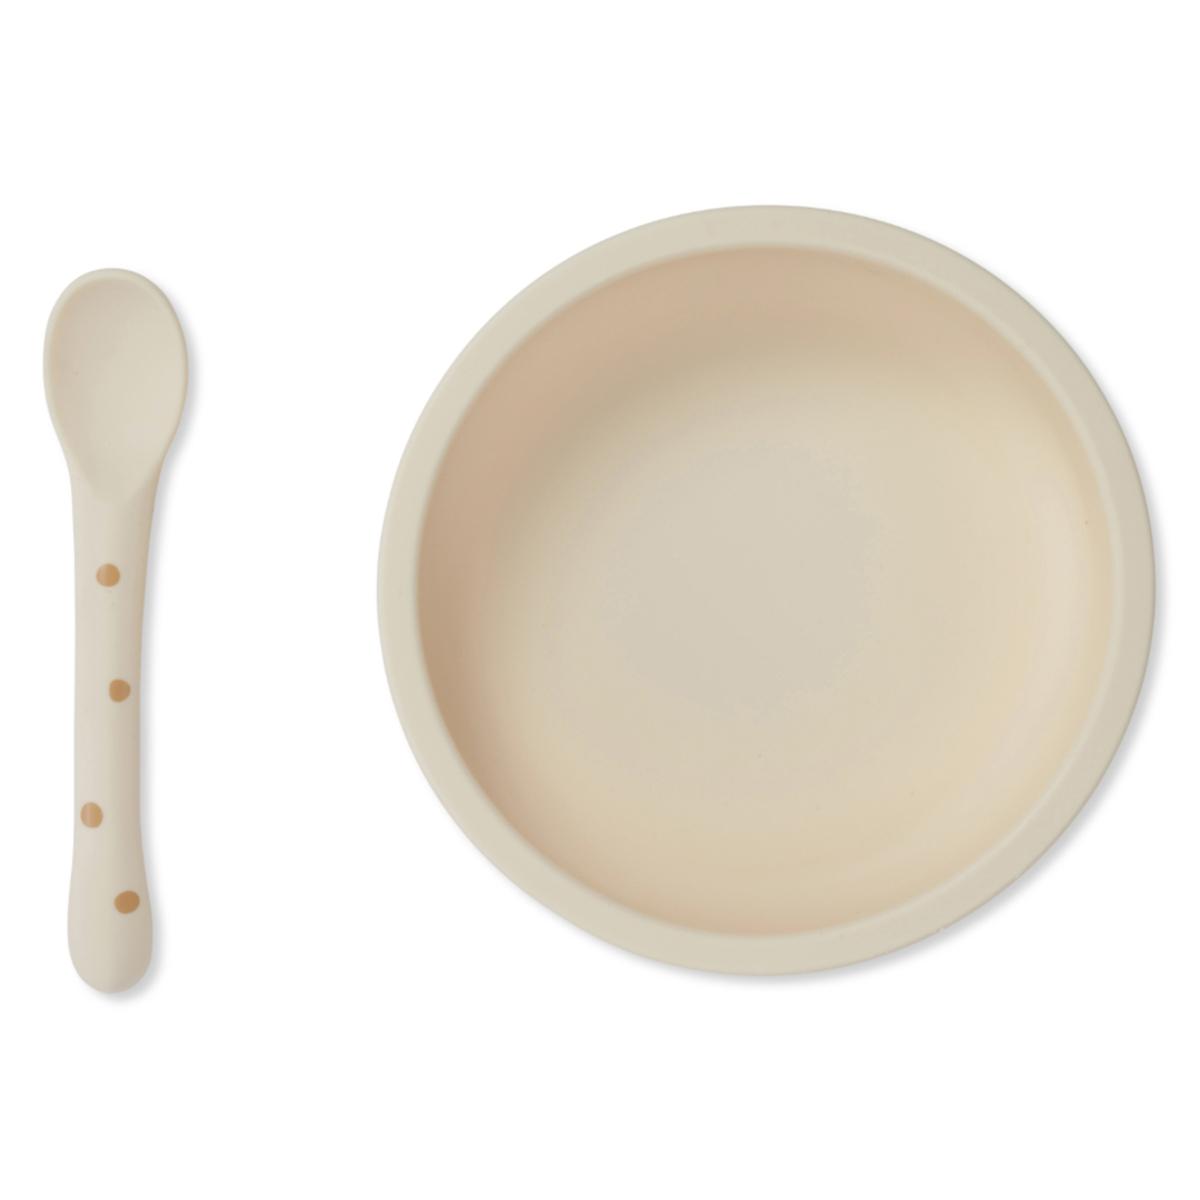 Coffret repas Set Repas en Silicone Antidérapant 2 Pièces - Terracotta Dot Set Repas en Silicone Antidérapant 2 Pièces - Terracotta Dot